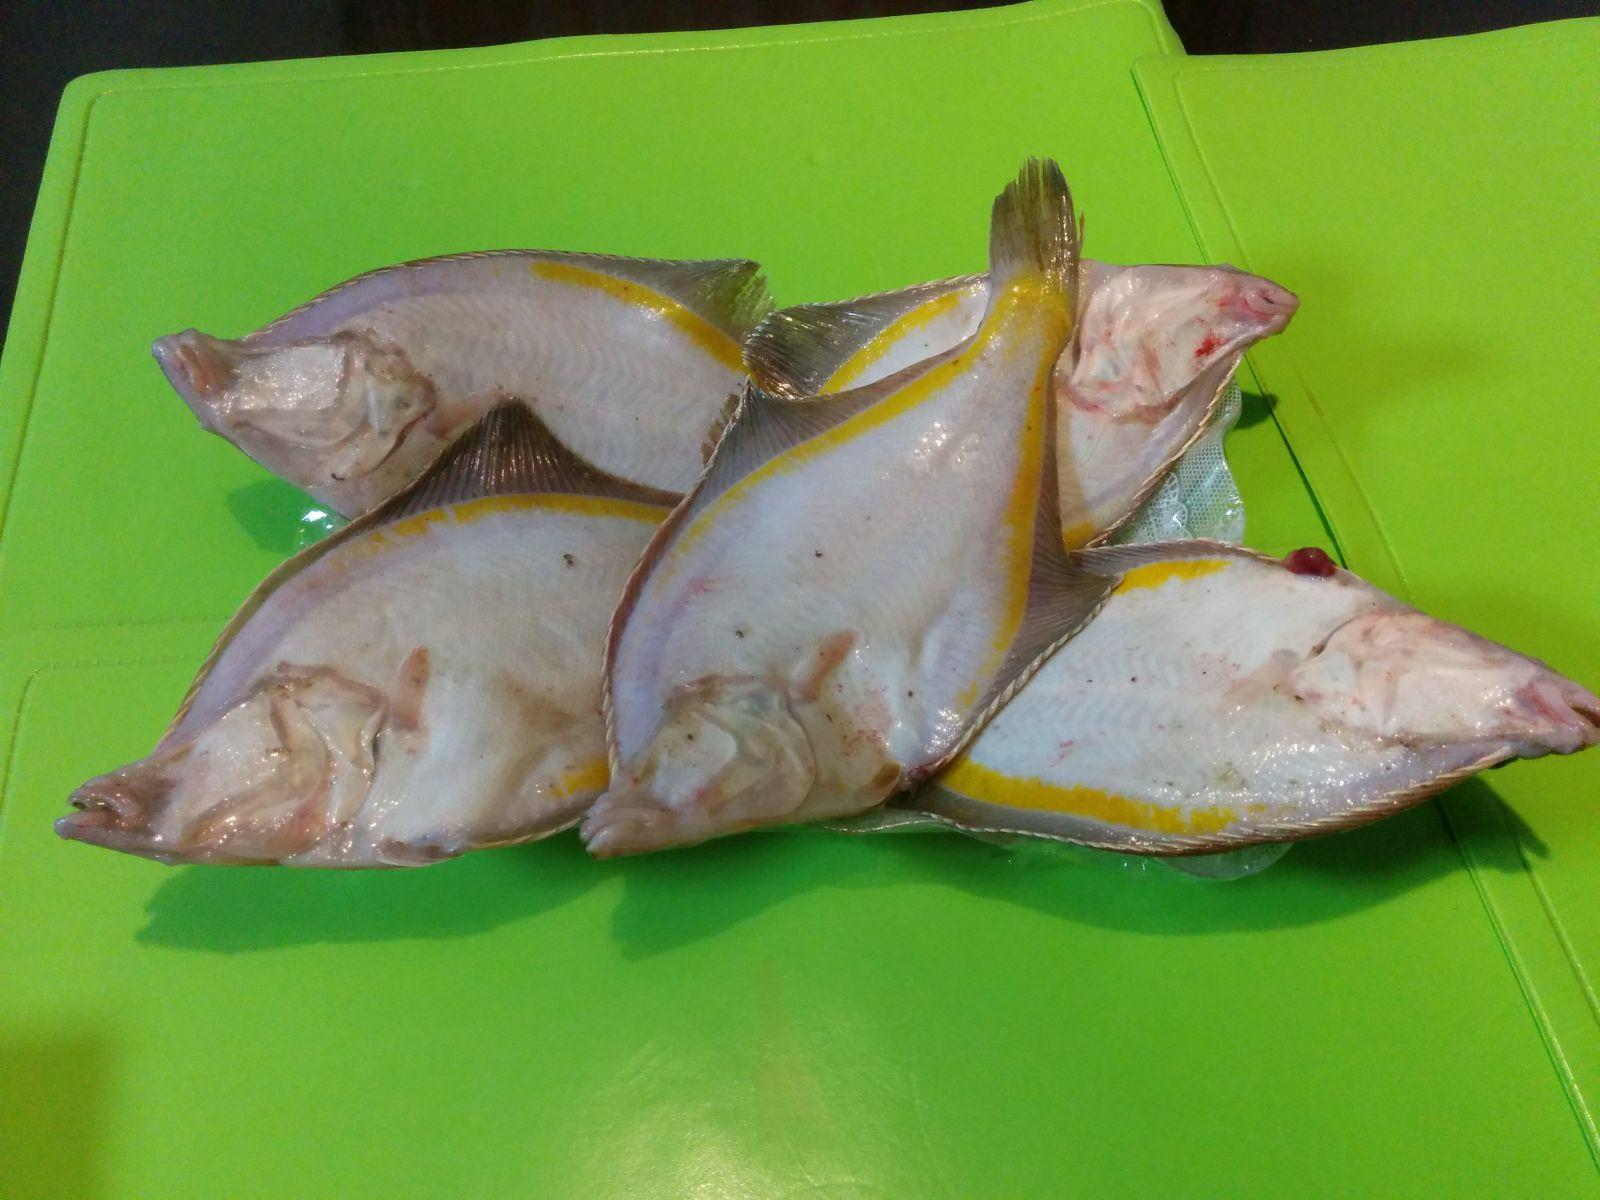 【北海道】北海道の魚・カレイ観光案内です。